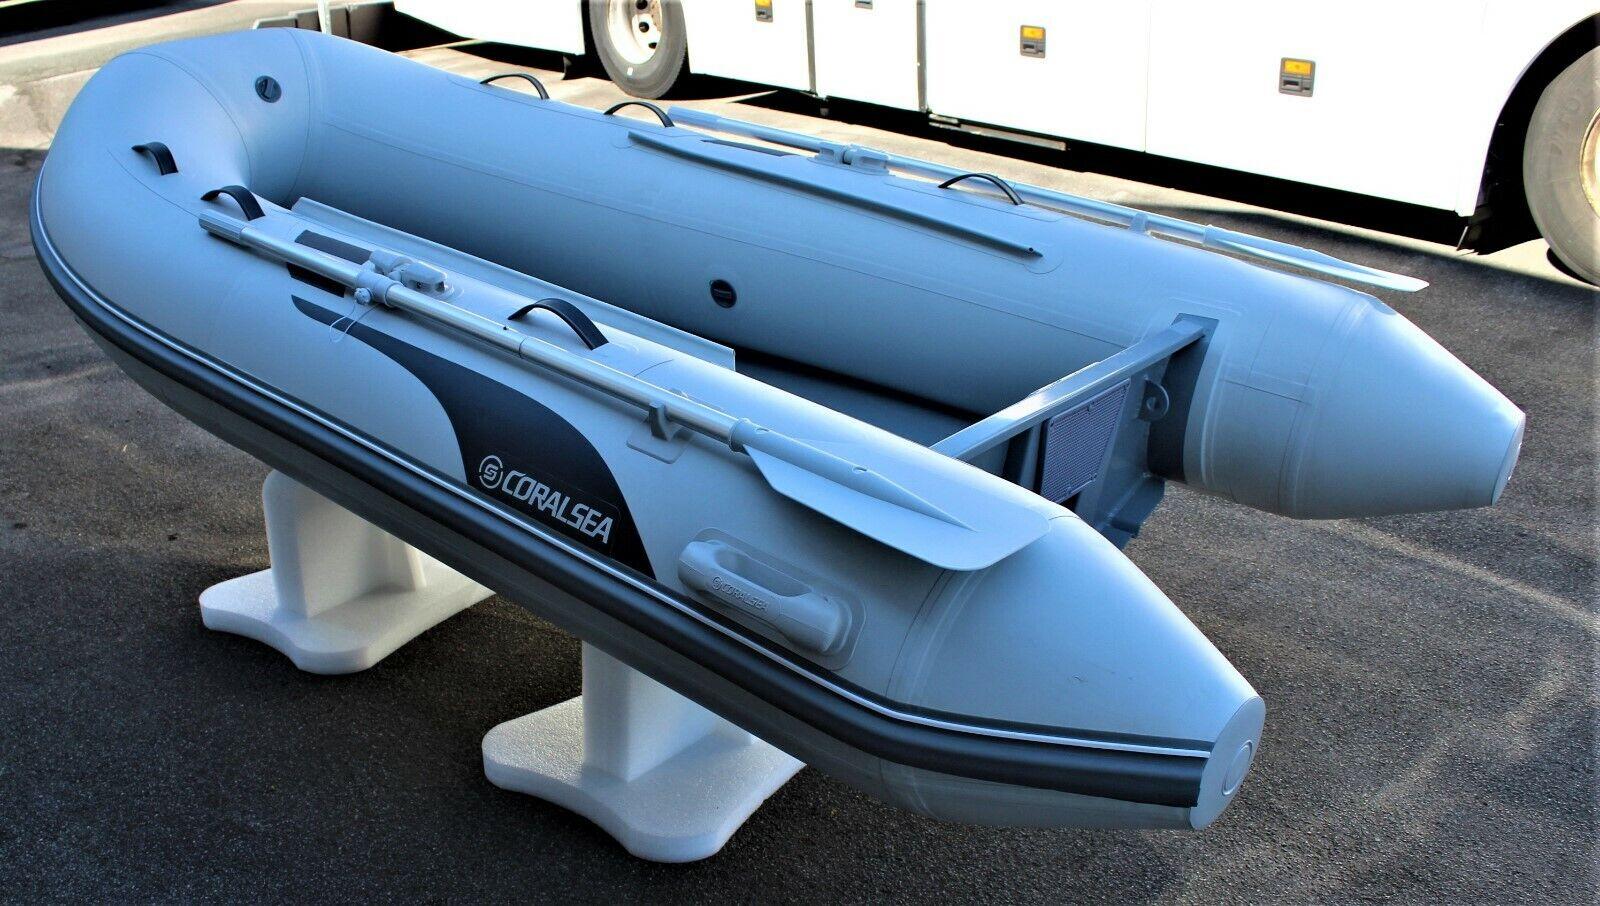 Grau Schlauchbootpersenning 330 cm